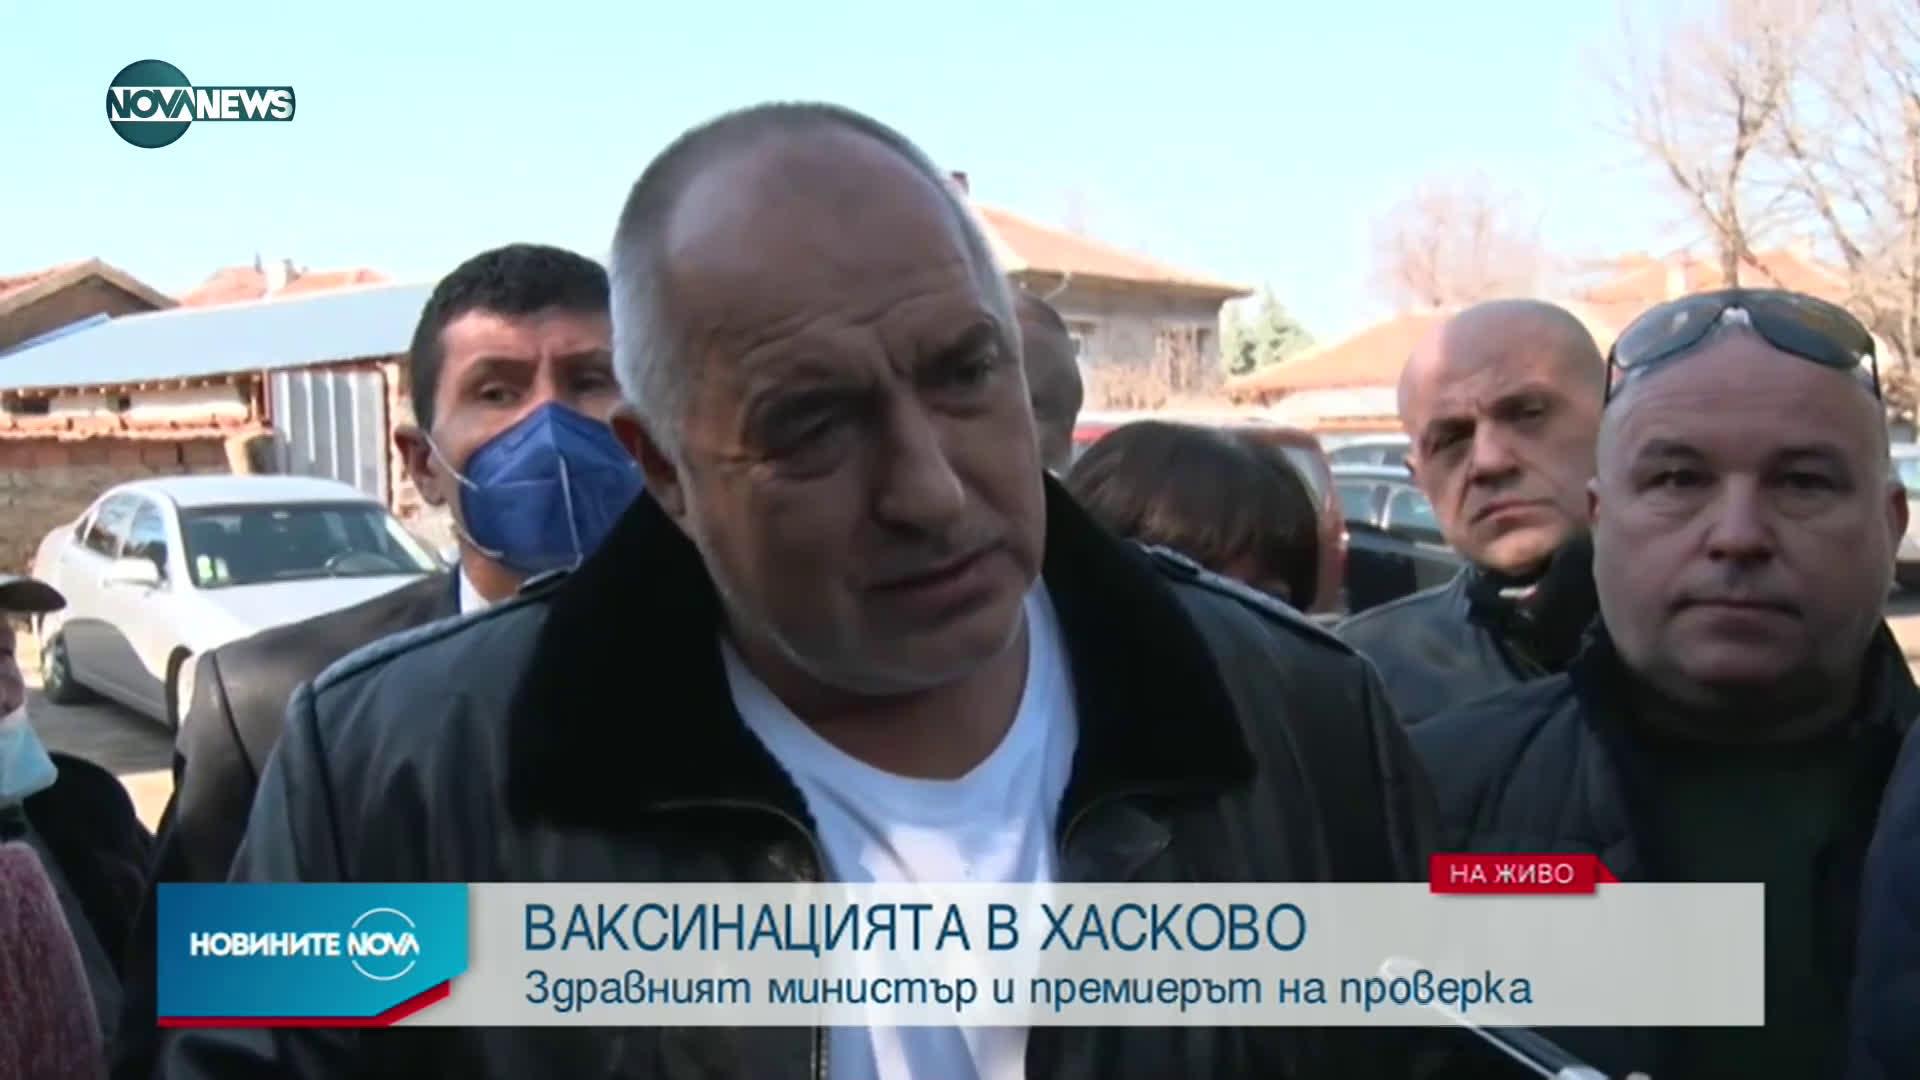 Премиерът Борисов и здравният министър на проверка при ваксинацията в Хасково